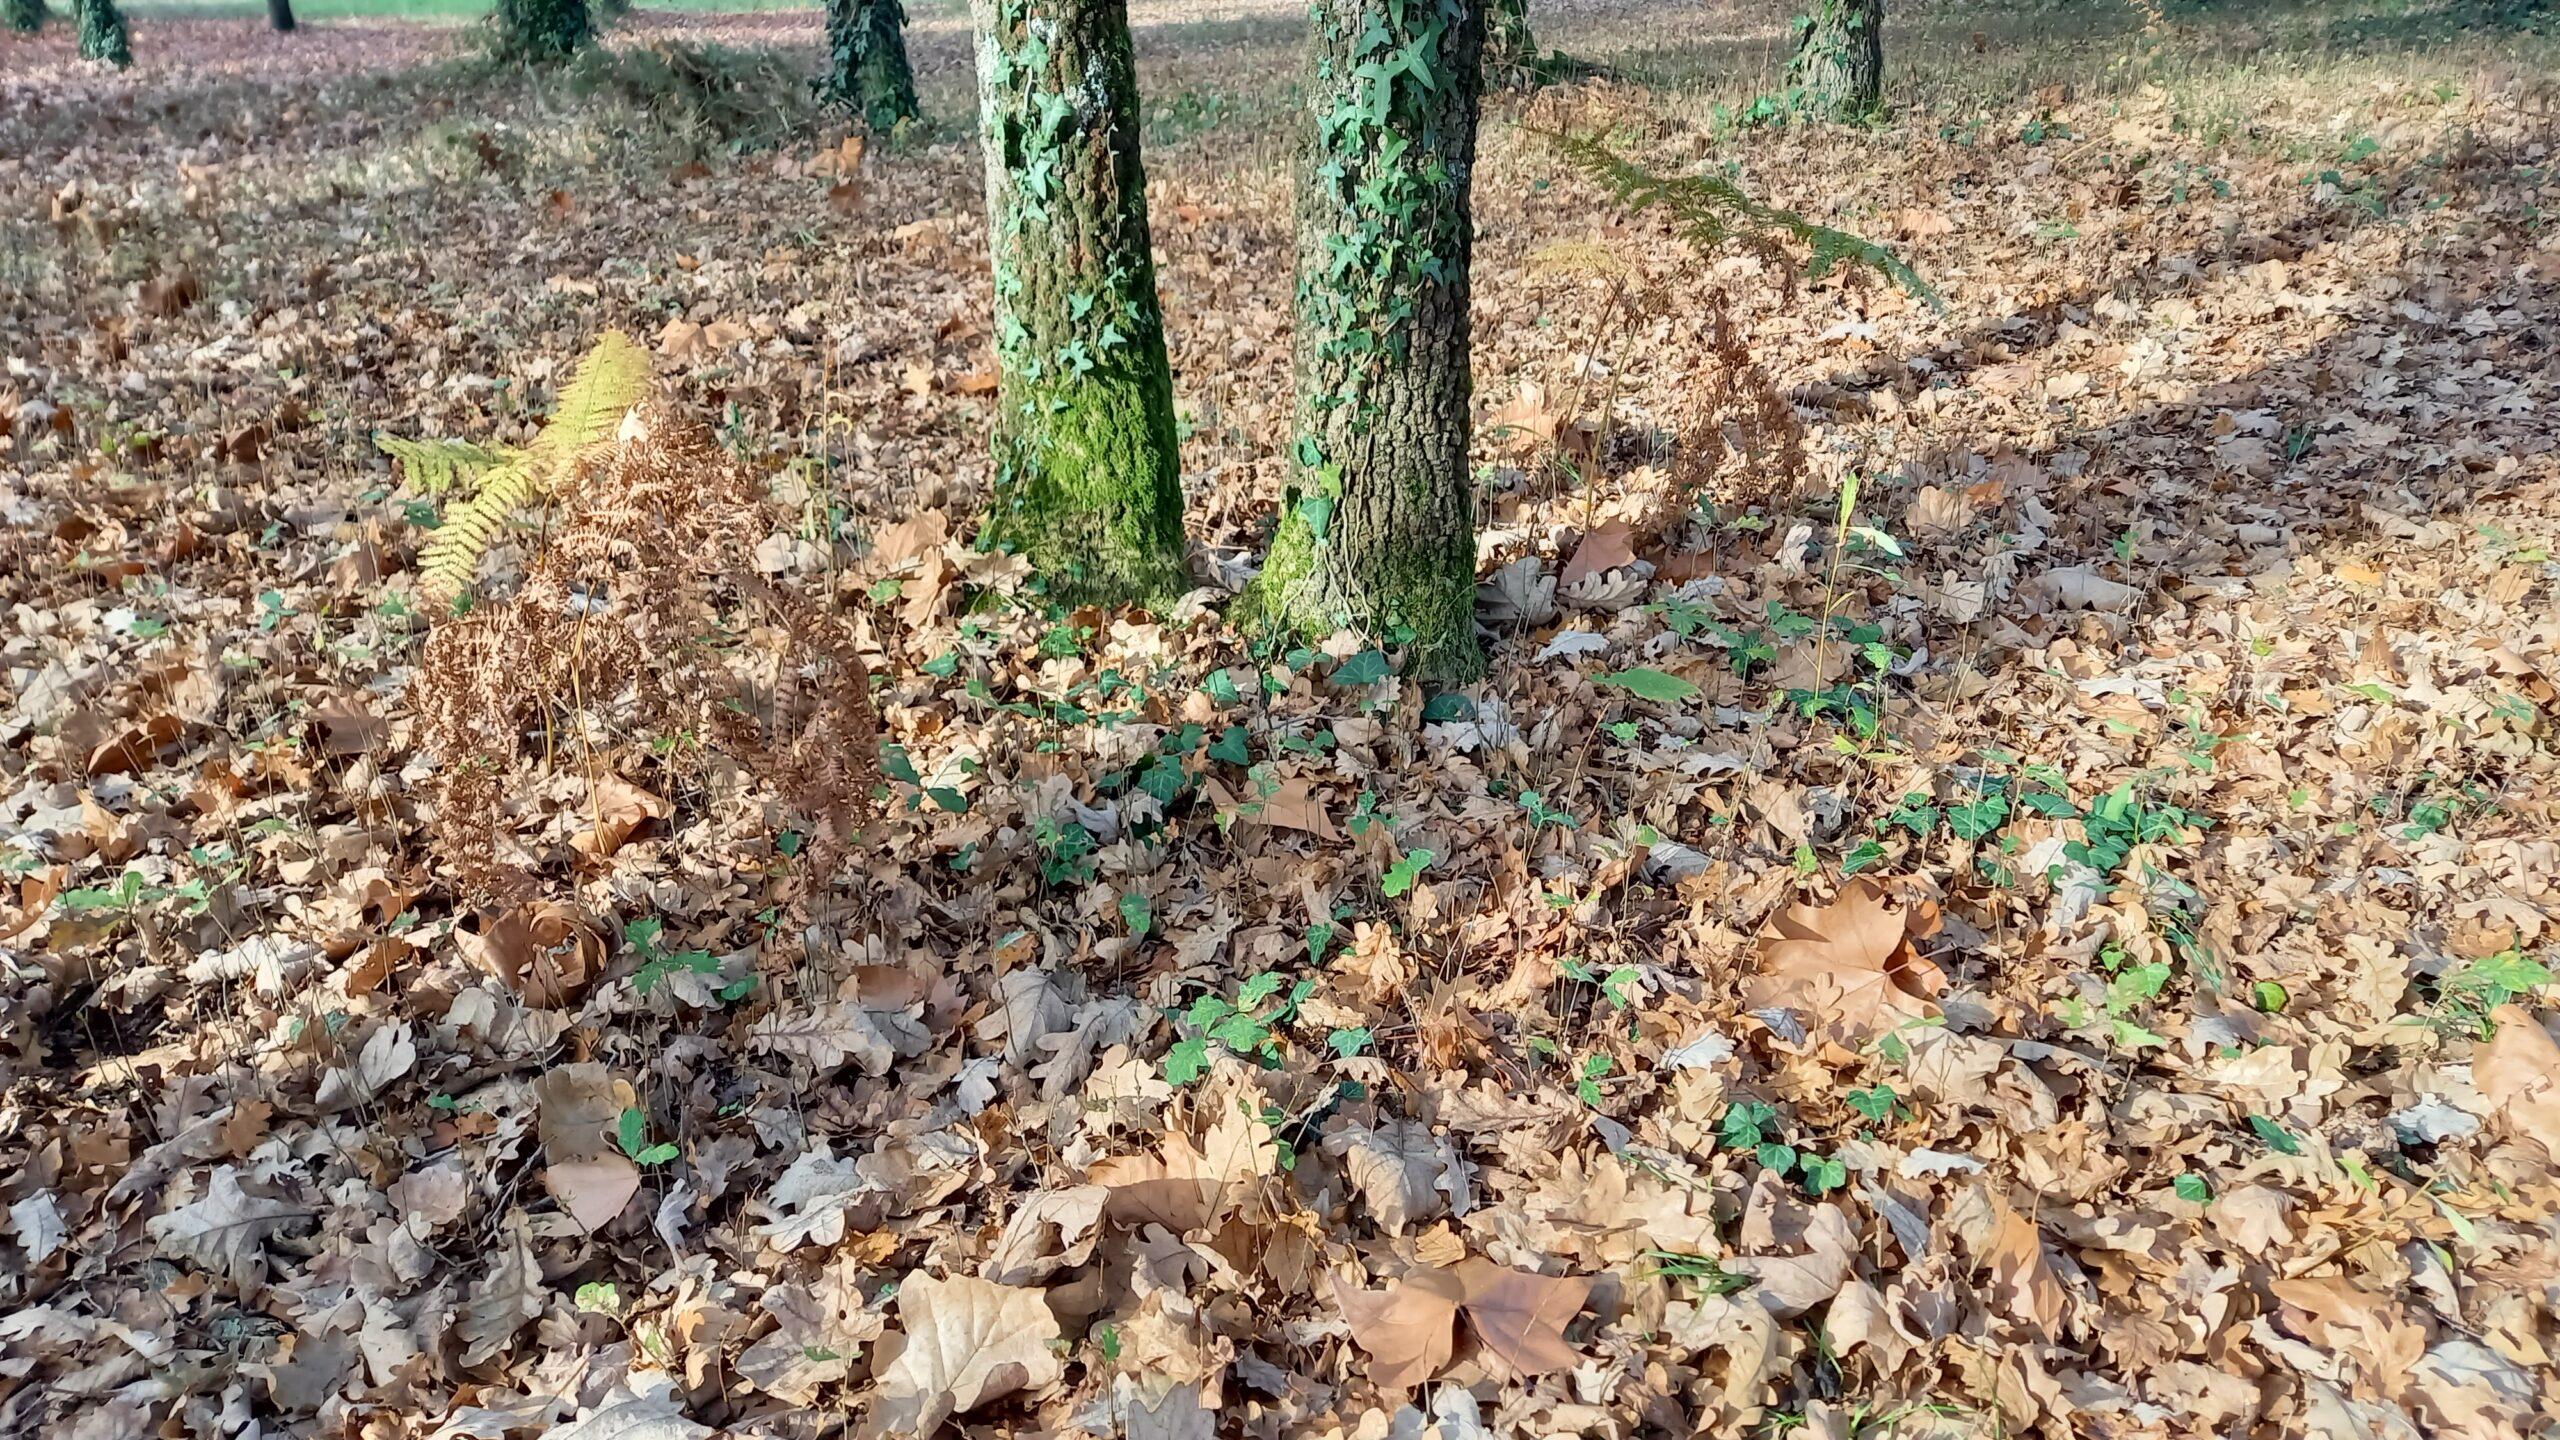 Fougères mortes près de deux arbres.